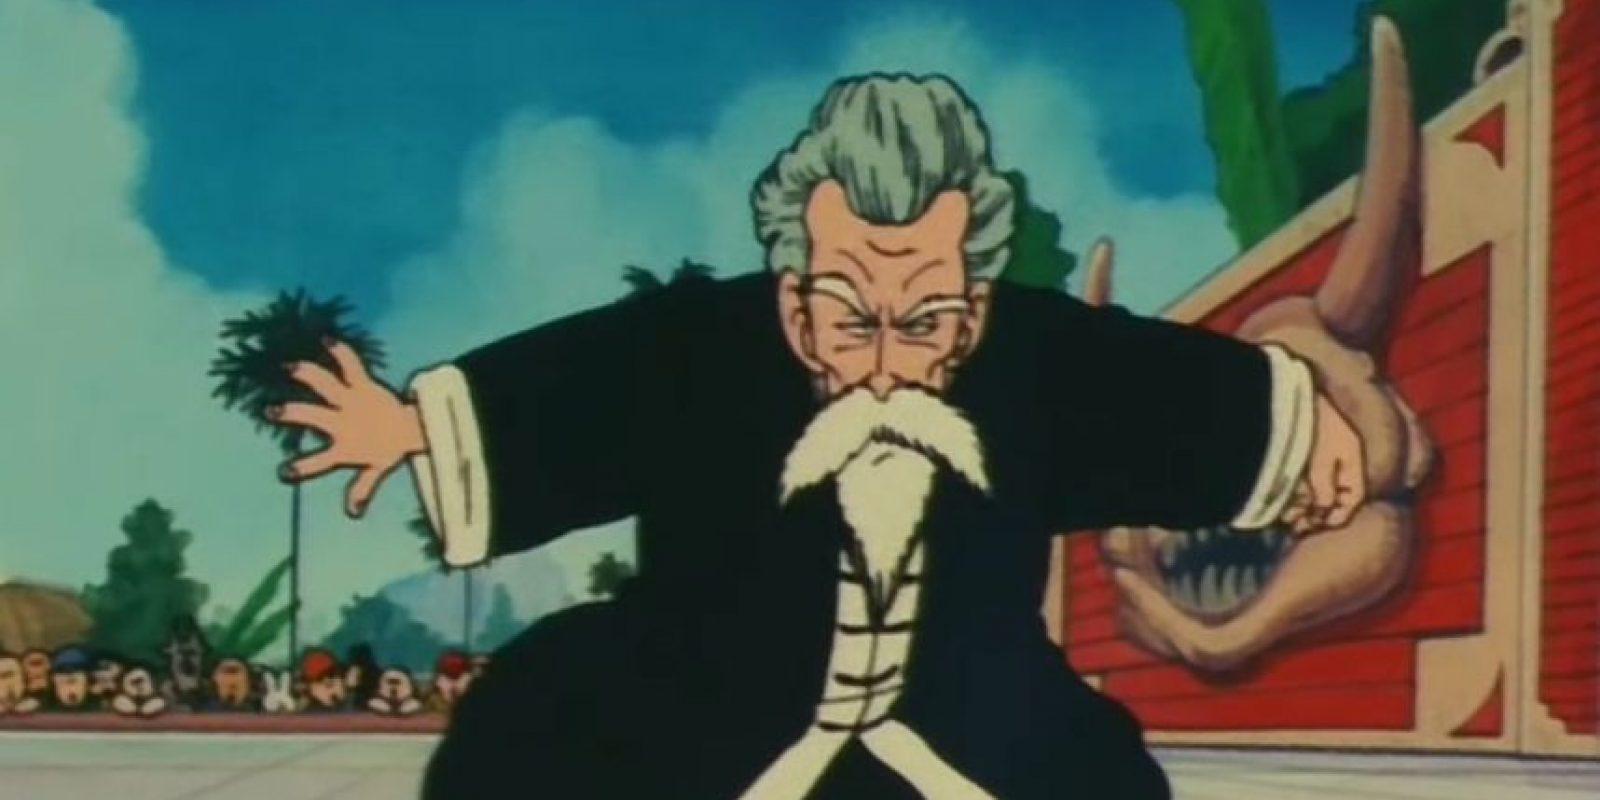 """1. El maestro Roshi vence a Gokú en combate como el maestro """"Jackie Chun"""" Foto:Toei"""